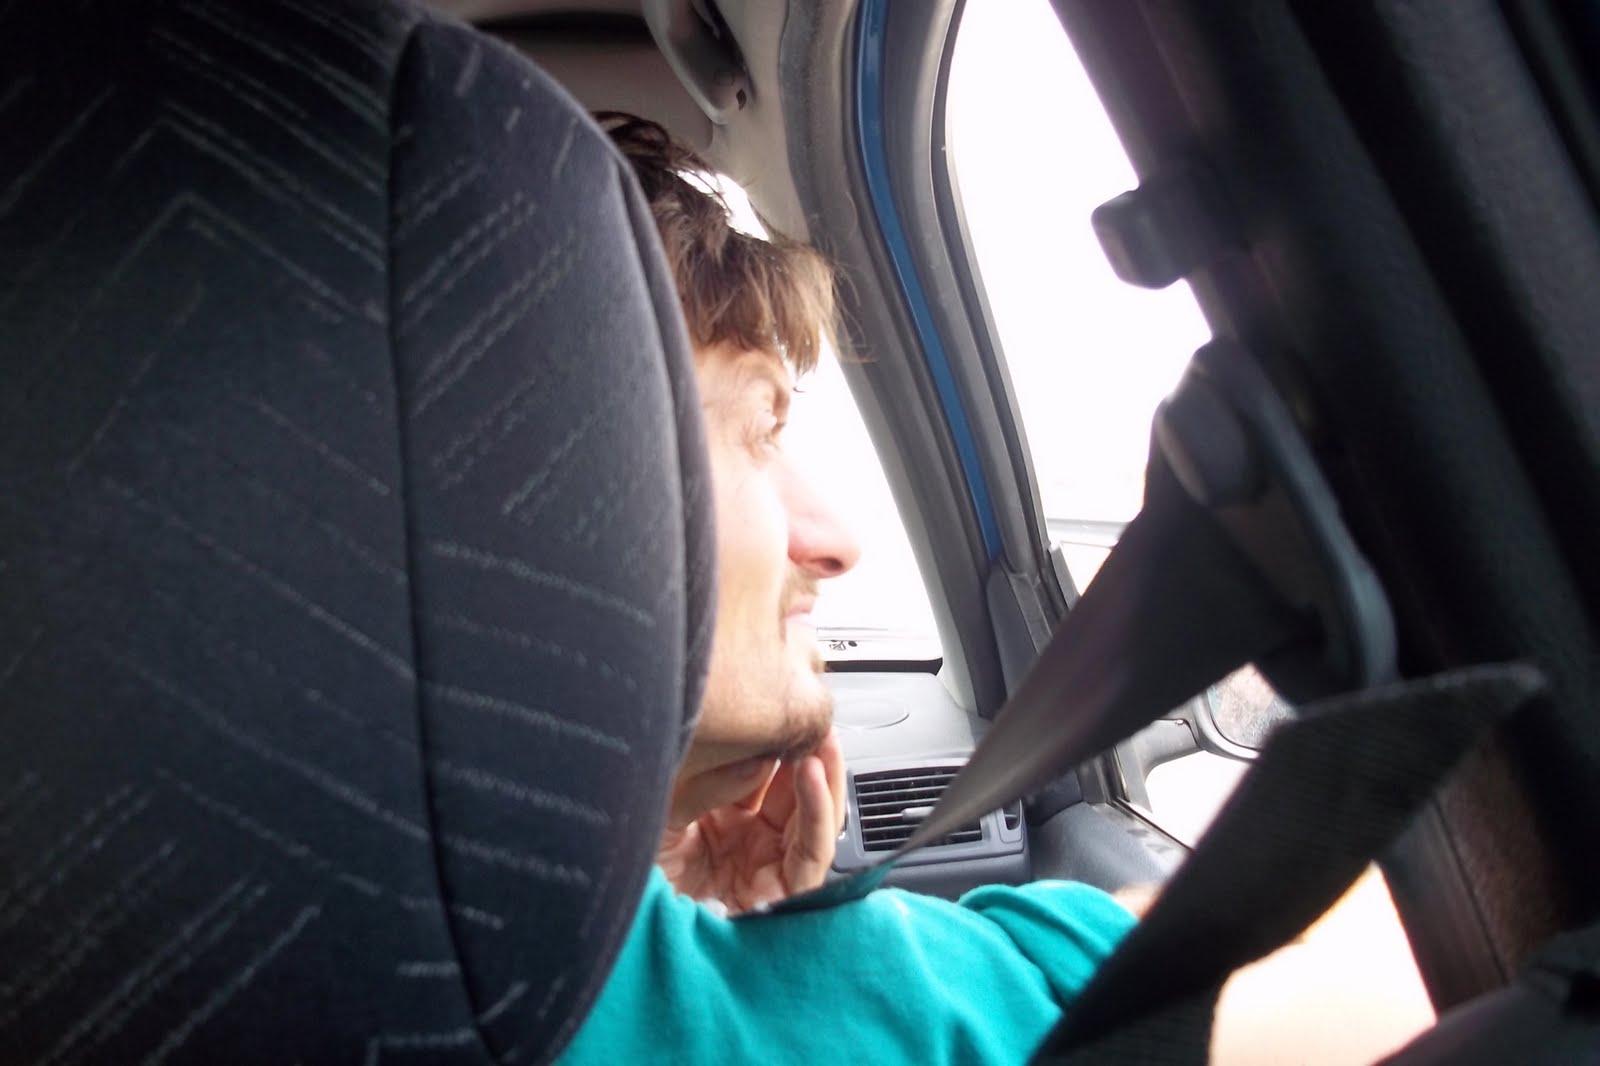 Le foto dell'avventura in autostop in Spagna